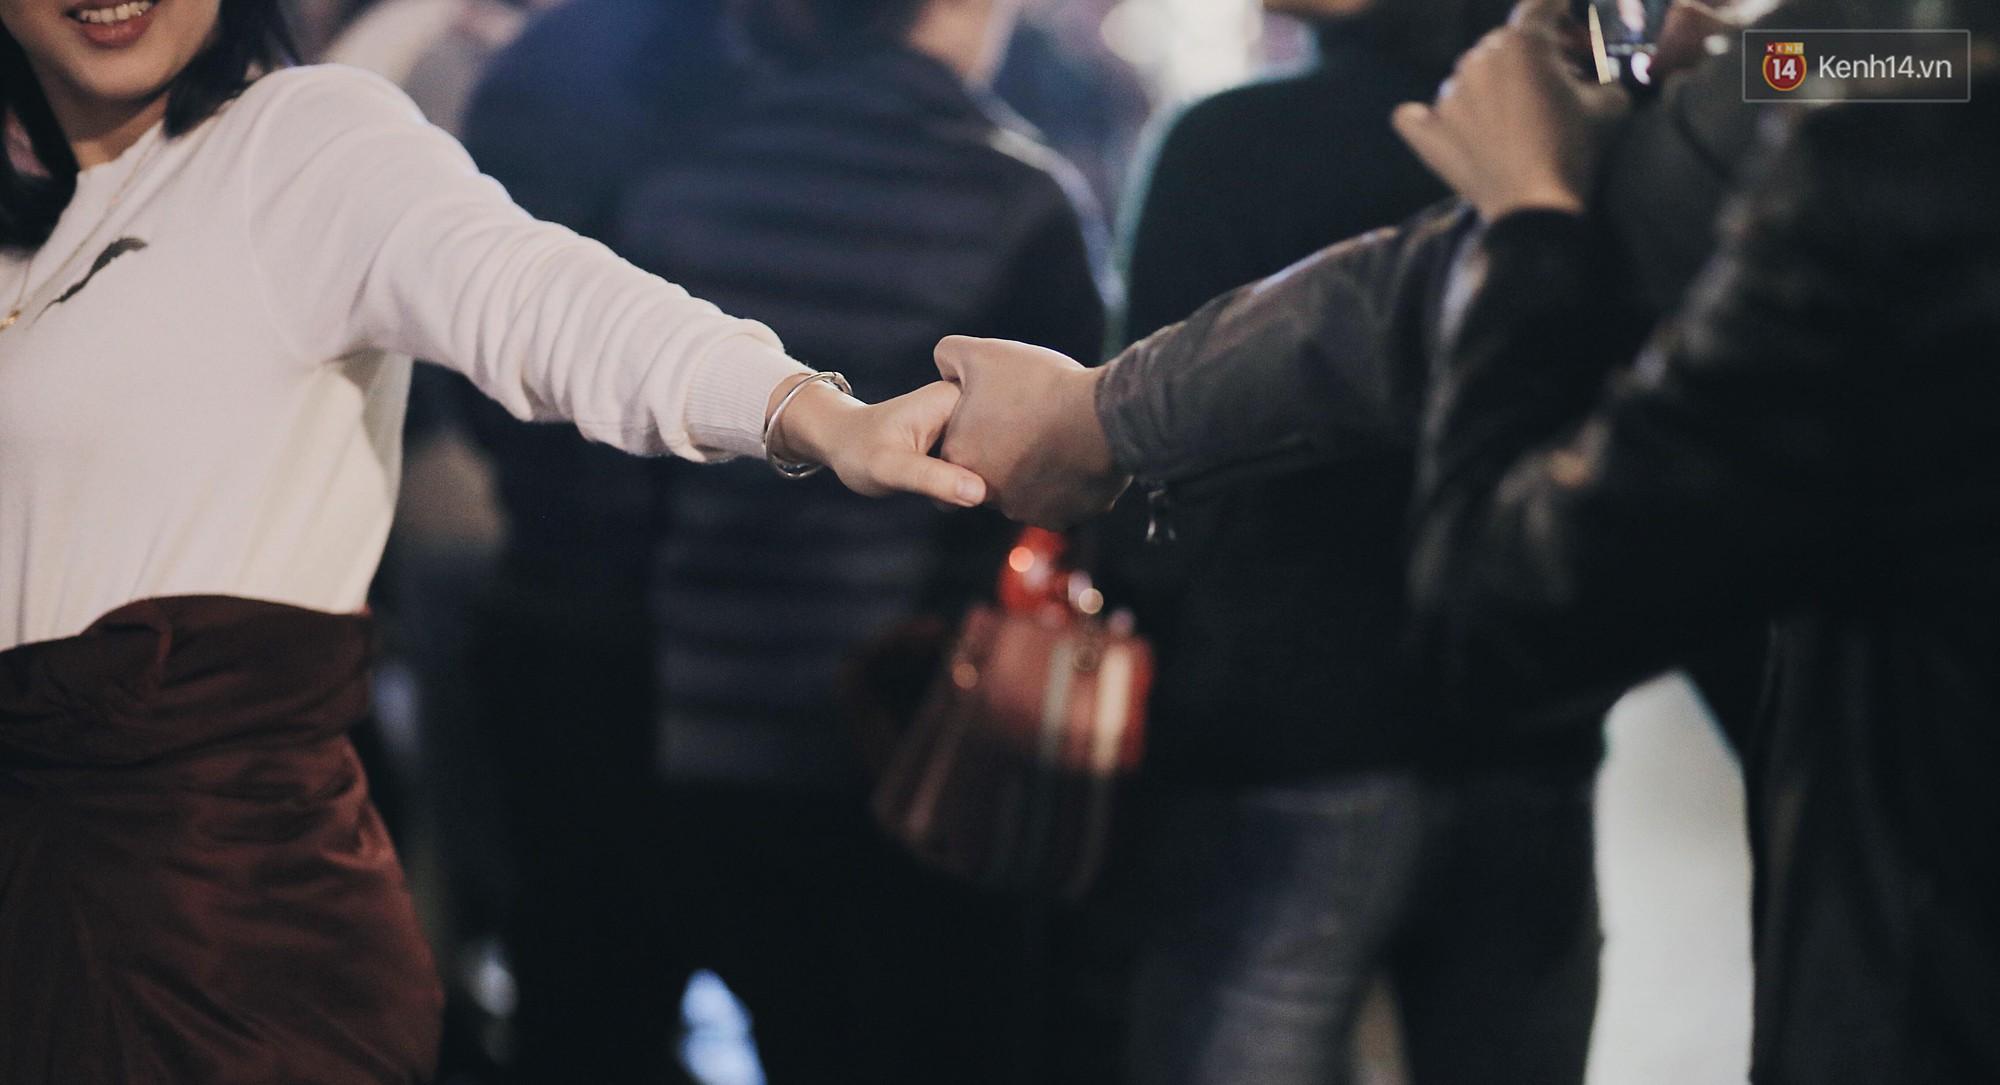 Ảnh đẹp tay nắm tay